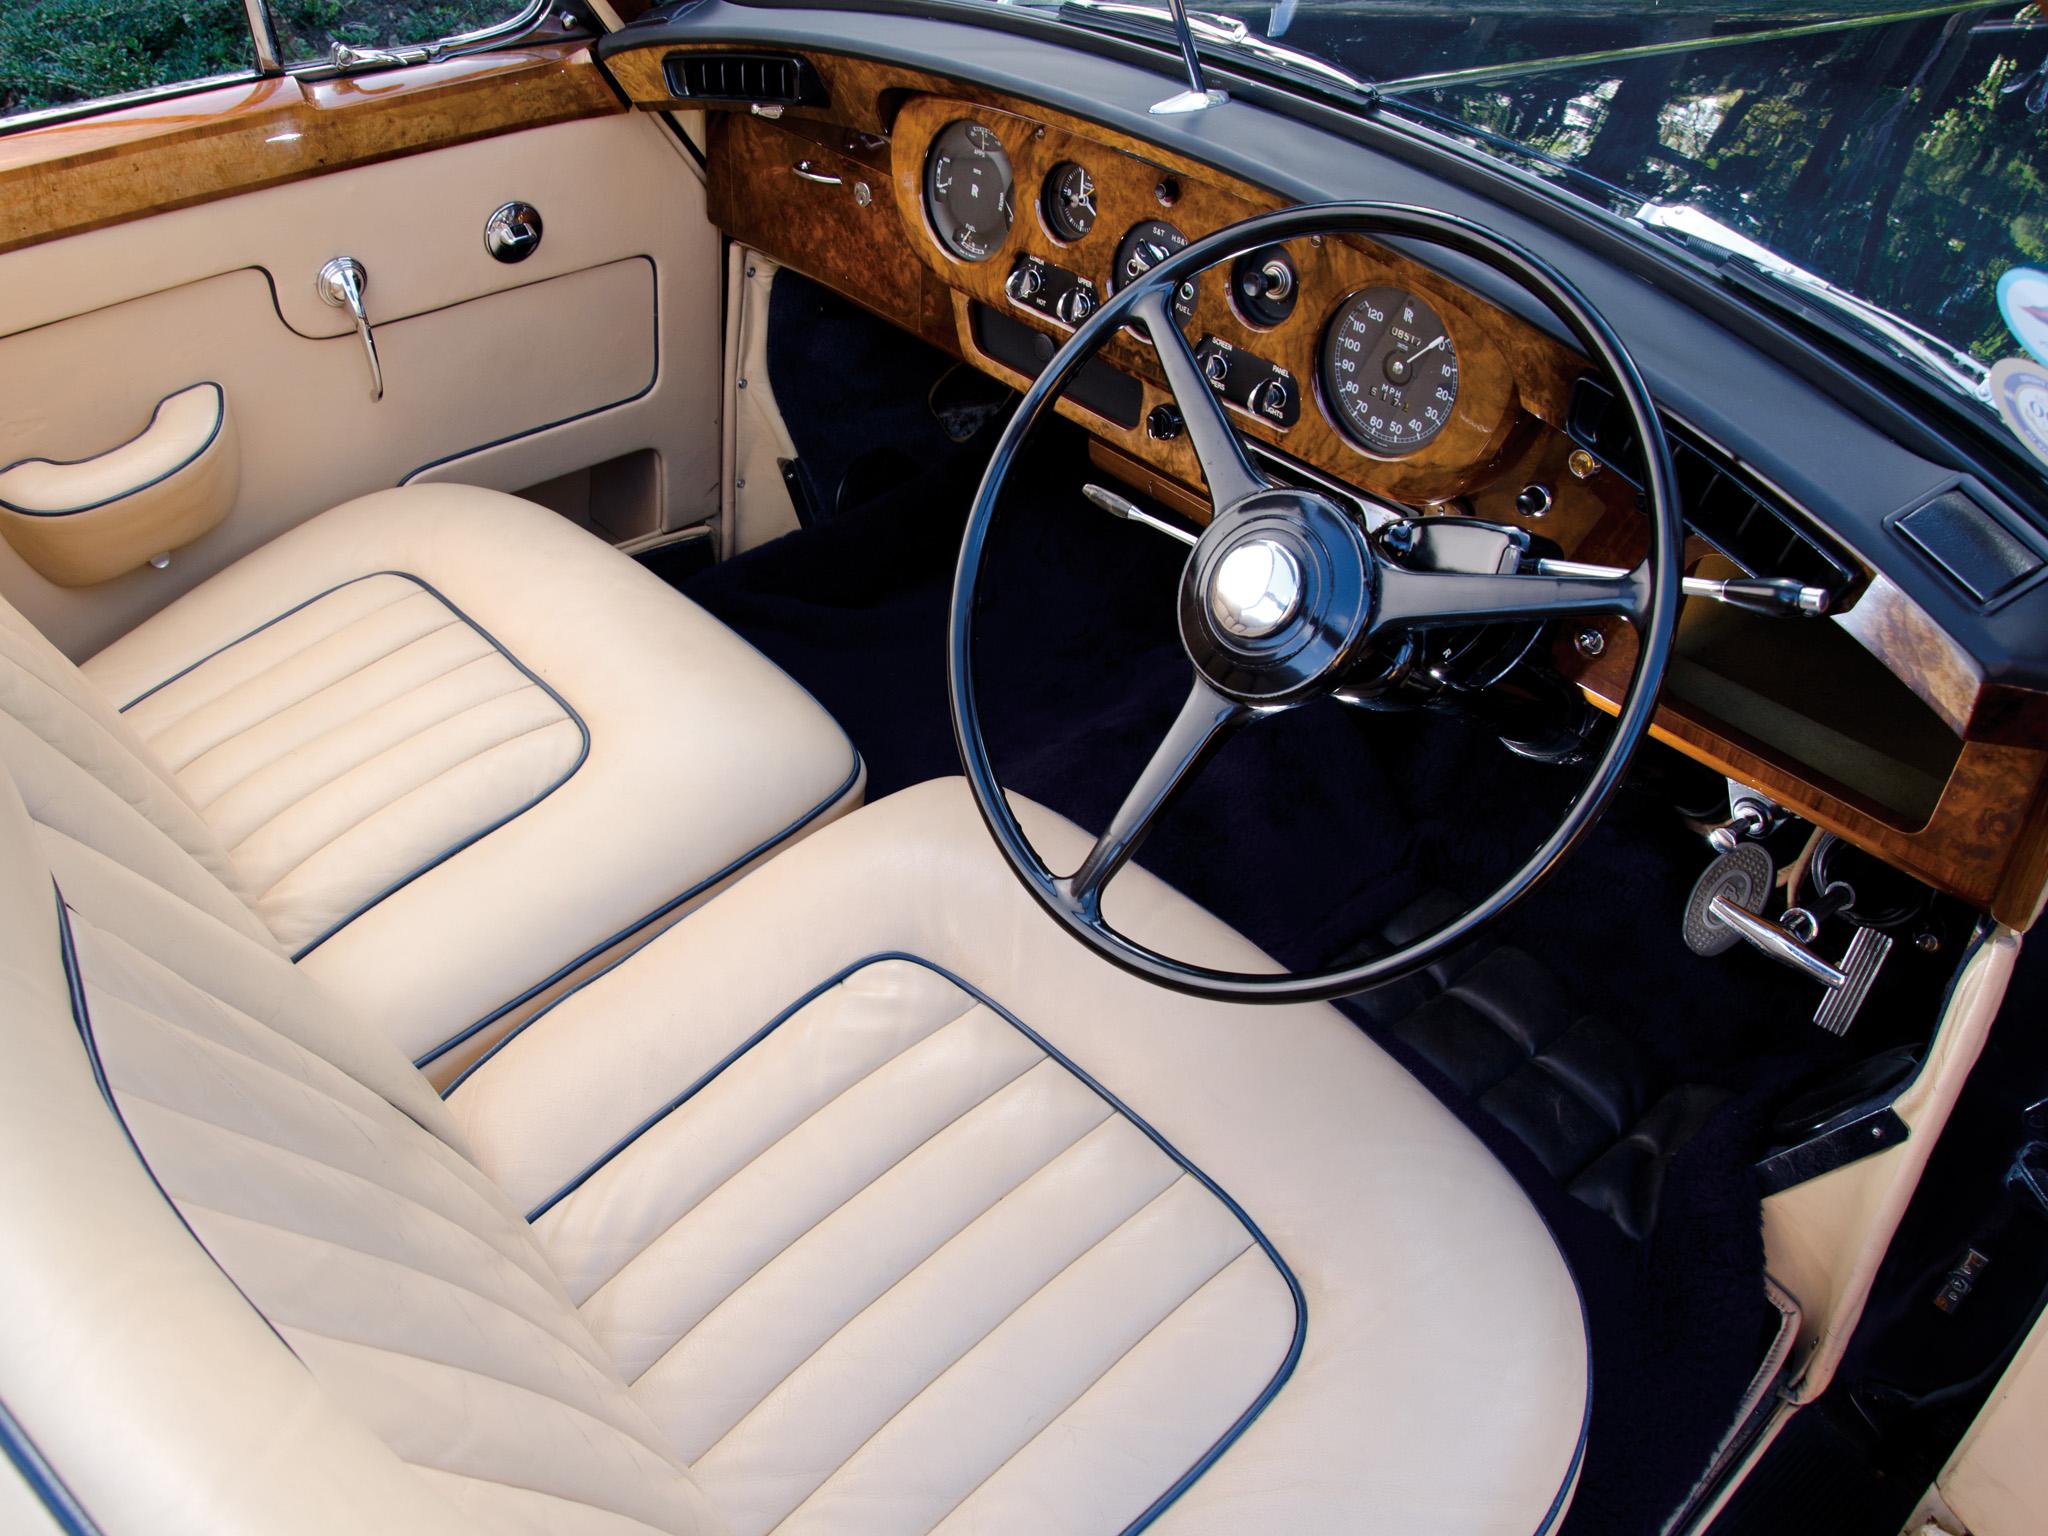 En av de stora behållningarna med Rolls Royce och Bentley är de traditionella, påkostade och överdådiga interiörerna. Här en tidig Silver Cloud från mitten av 50-talet. De förnyades kontinuerligt under åren men behöll samma stil under decennier.